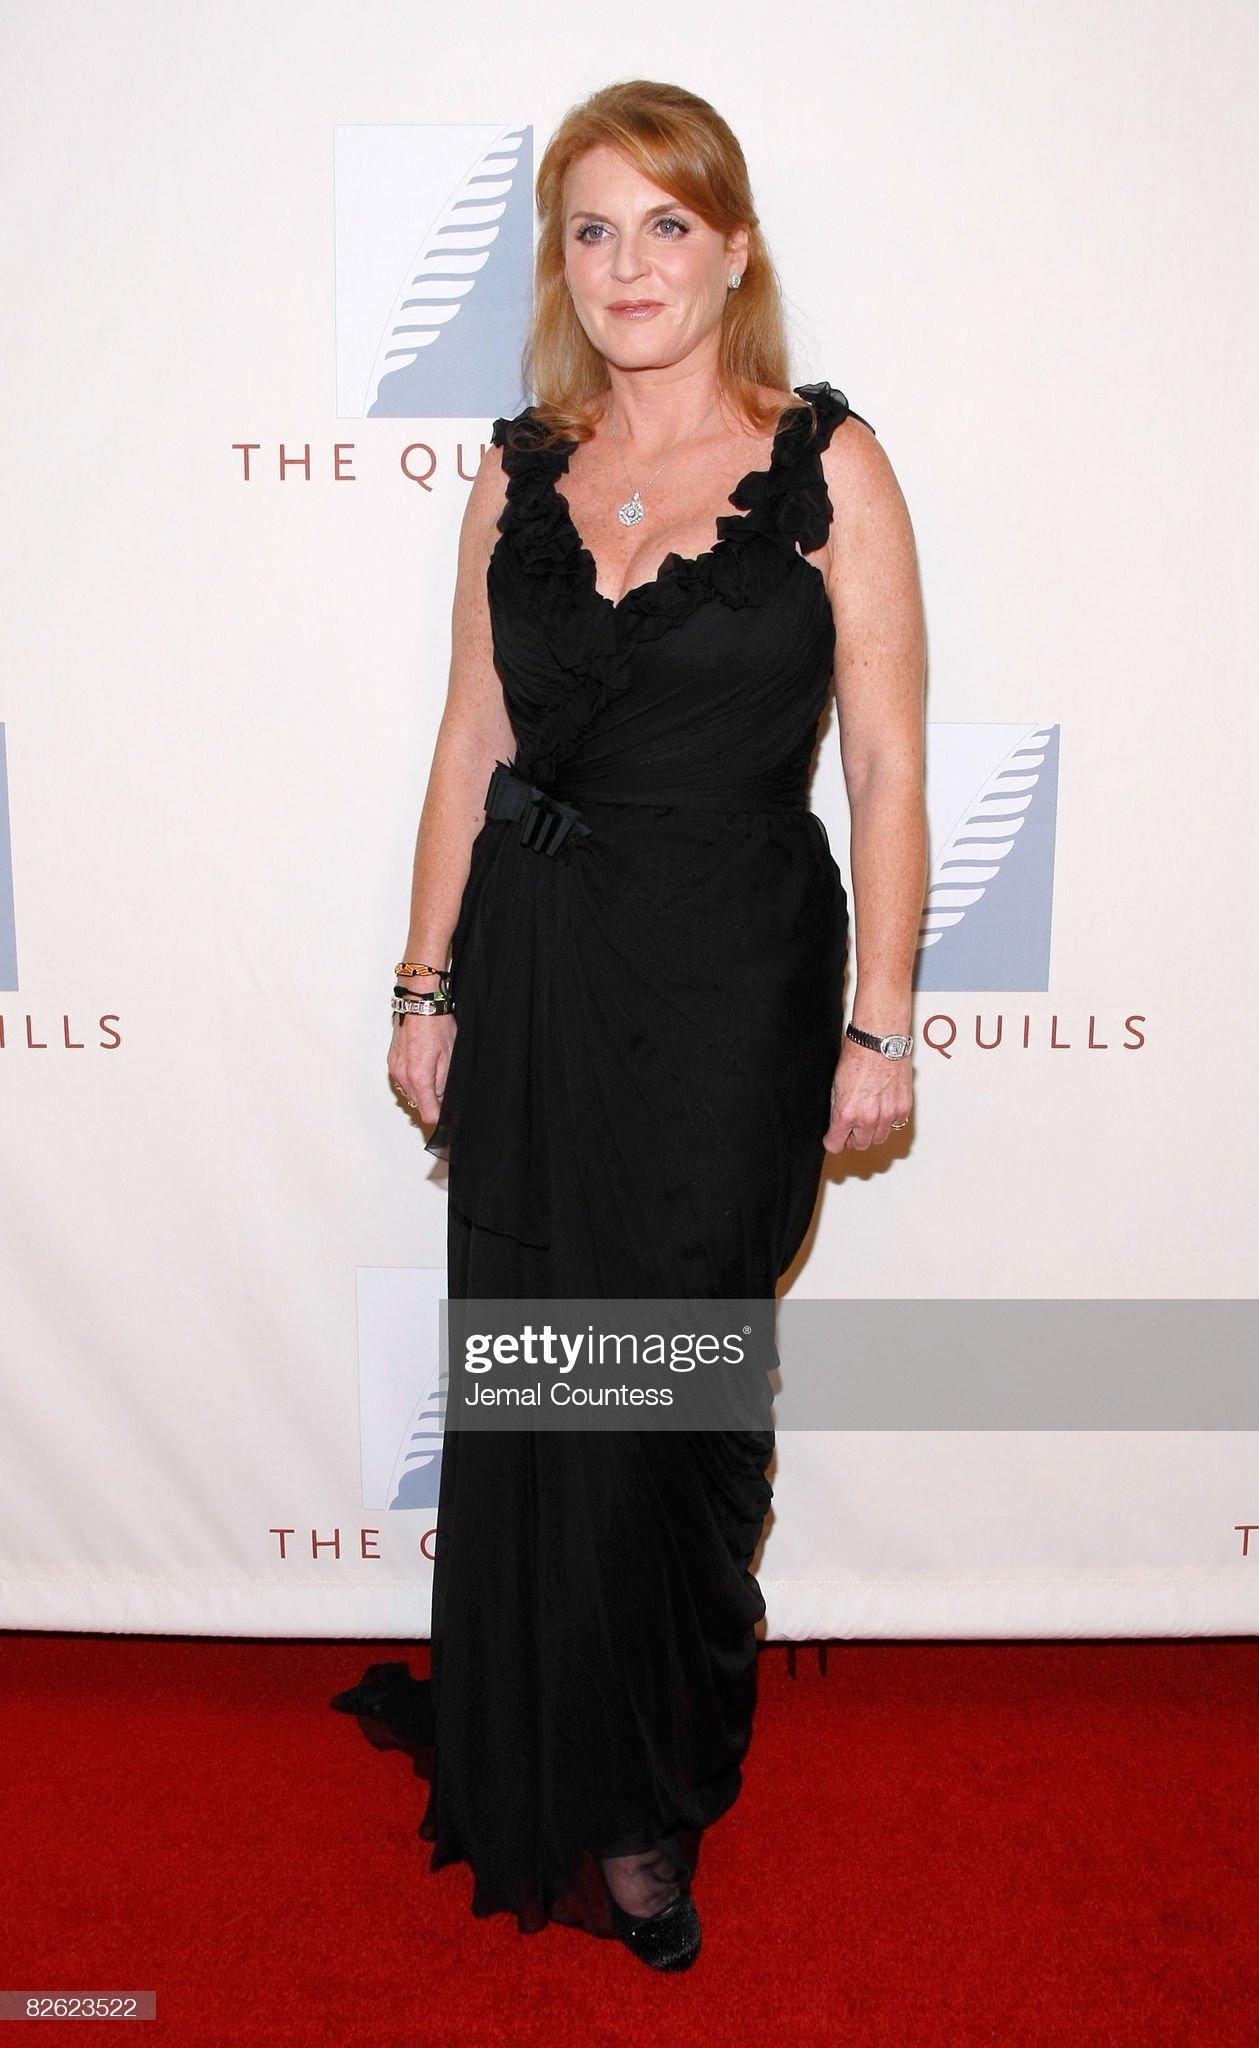 Вечерние наряды Отем пока еще Филлипс и Сары Йоркской 3rd Annual Quill Awards - Arrivals : News Photo